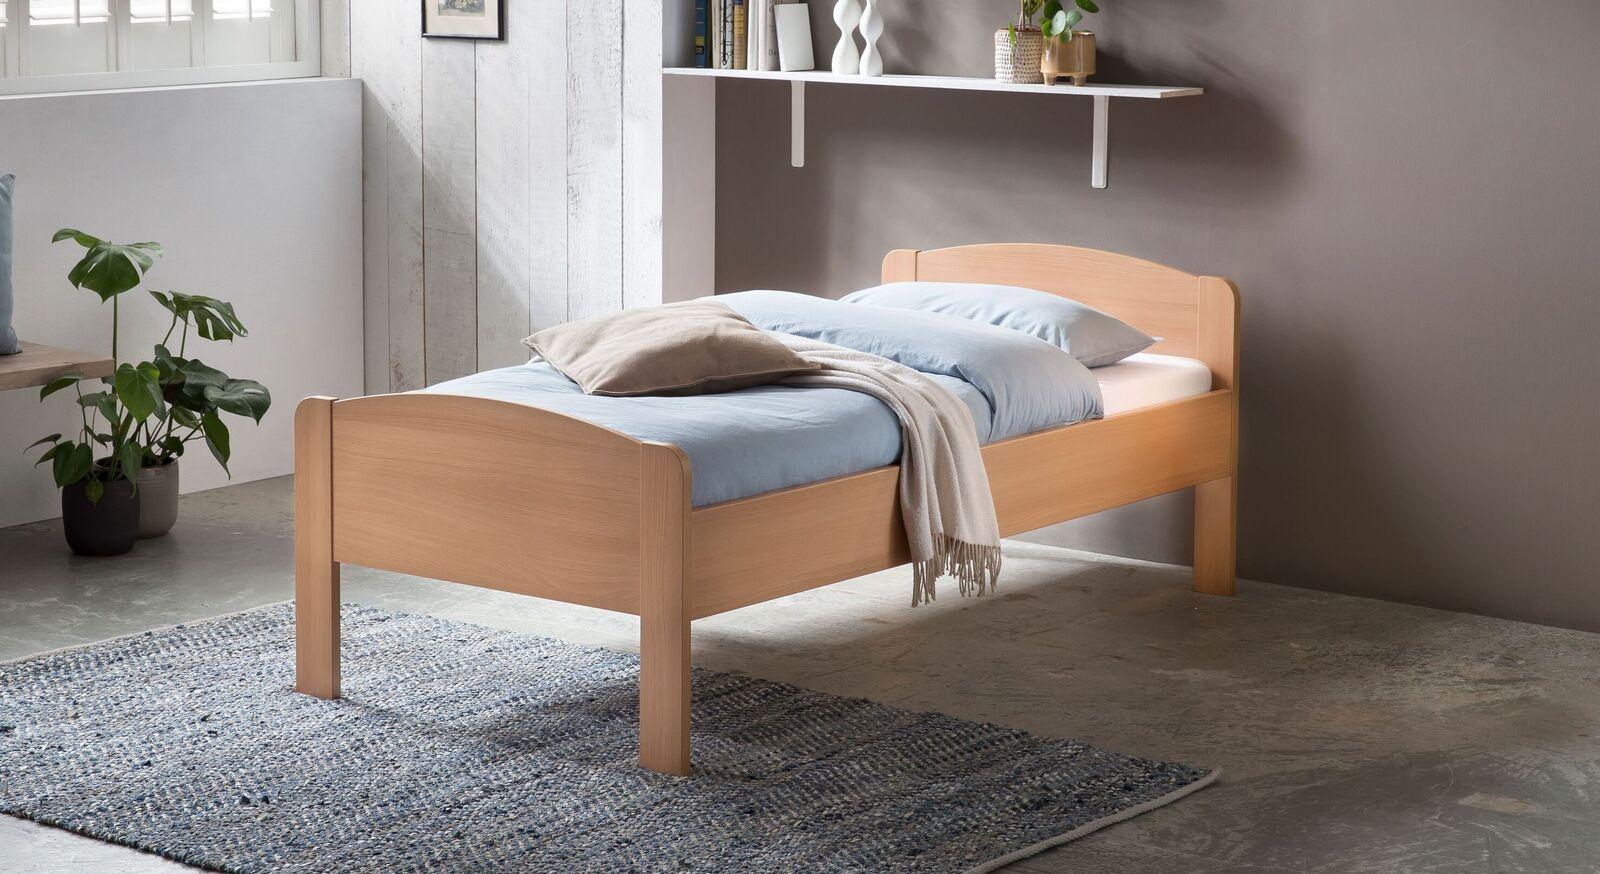 Bett San Martino in Komfort-Höhe